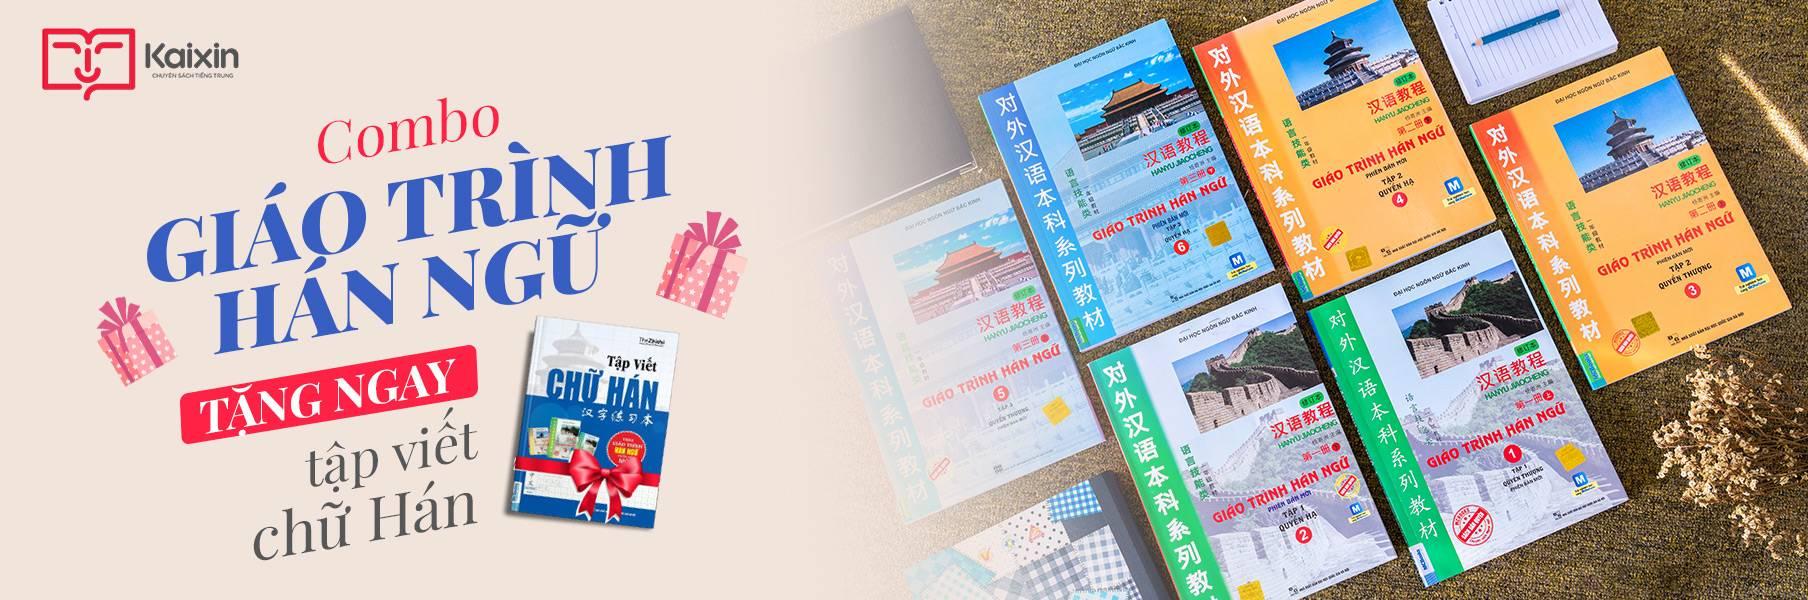 Slide cửa hàng kaixin